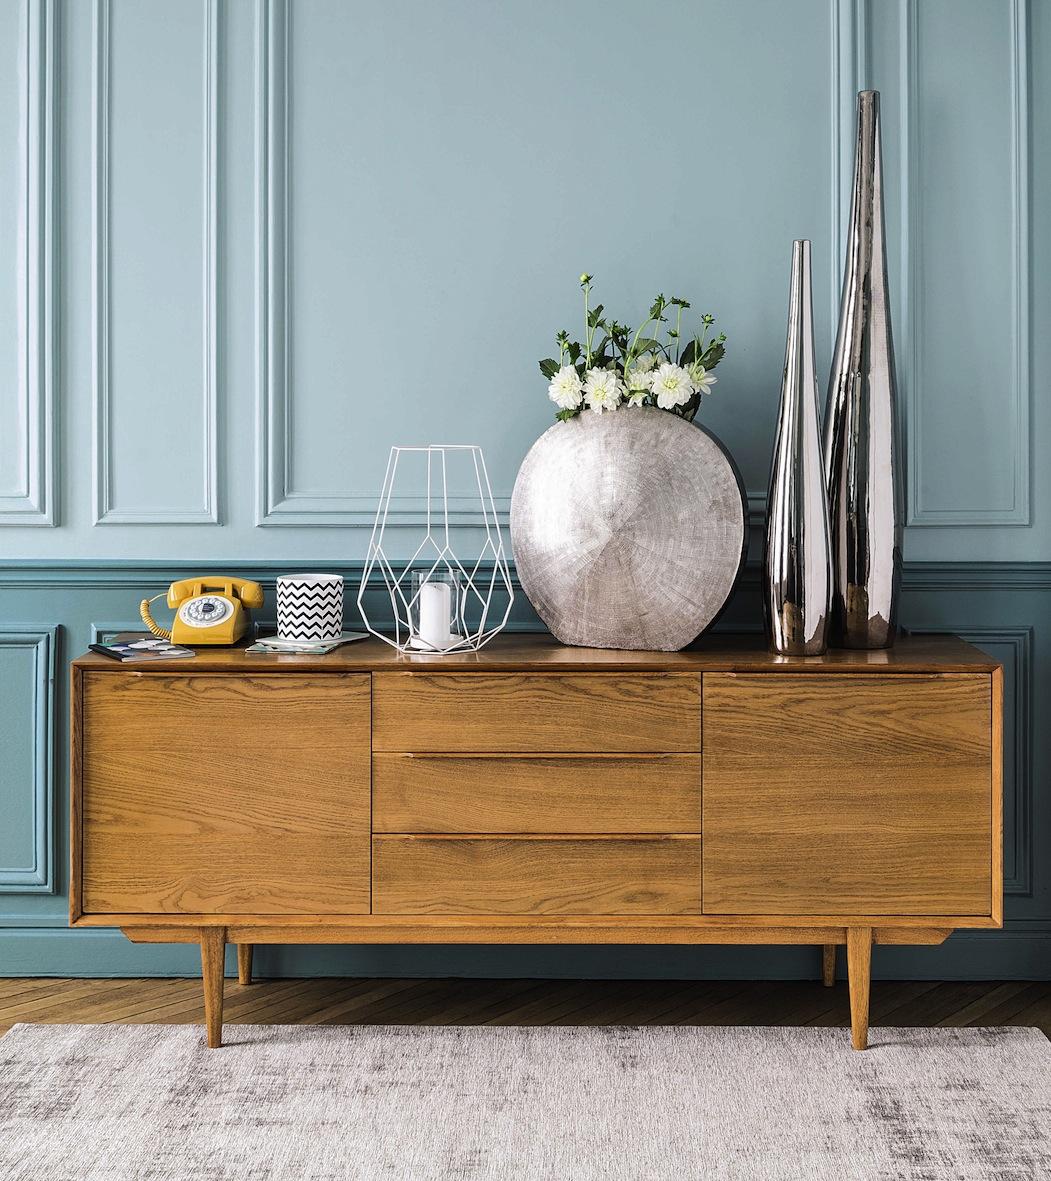 Les 10 plus belles enfilades d co buffet entr e ou salle - Meubles bois clair design ...